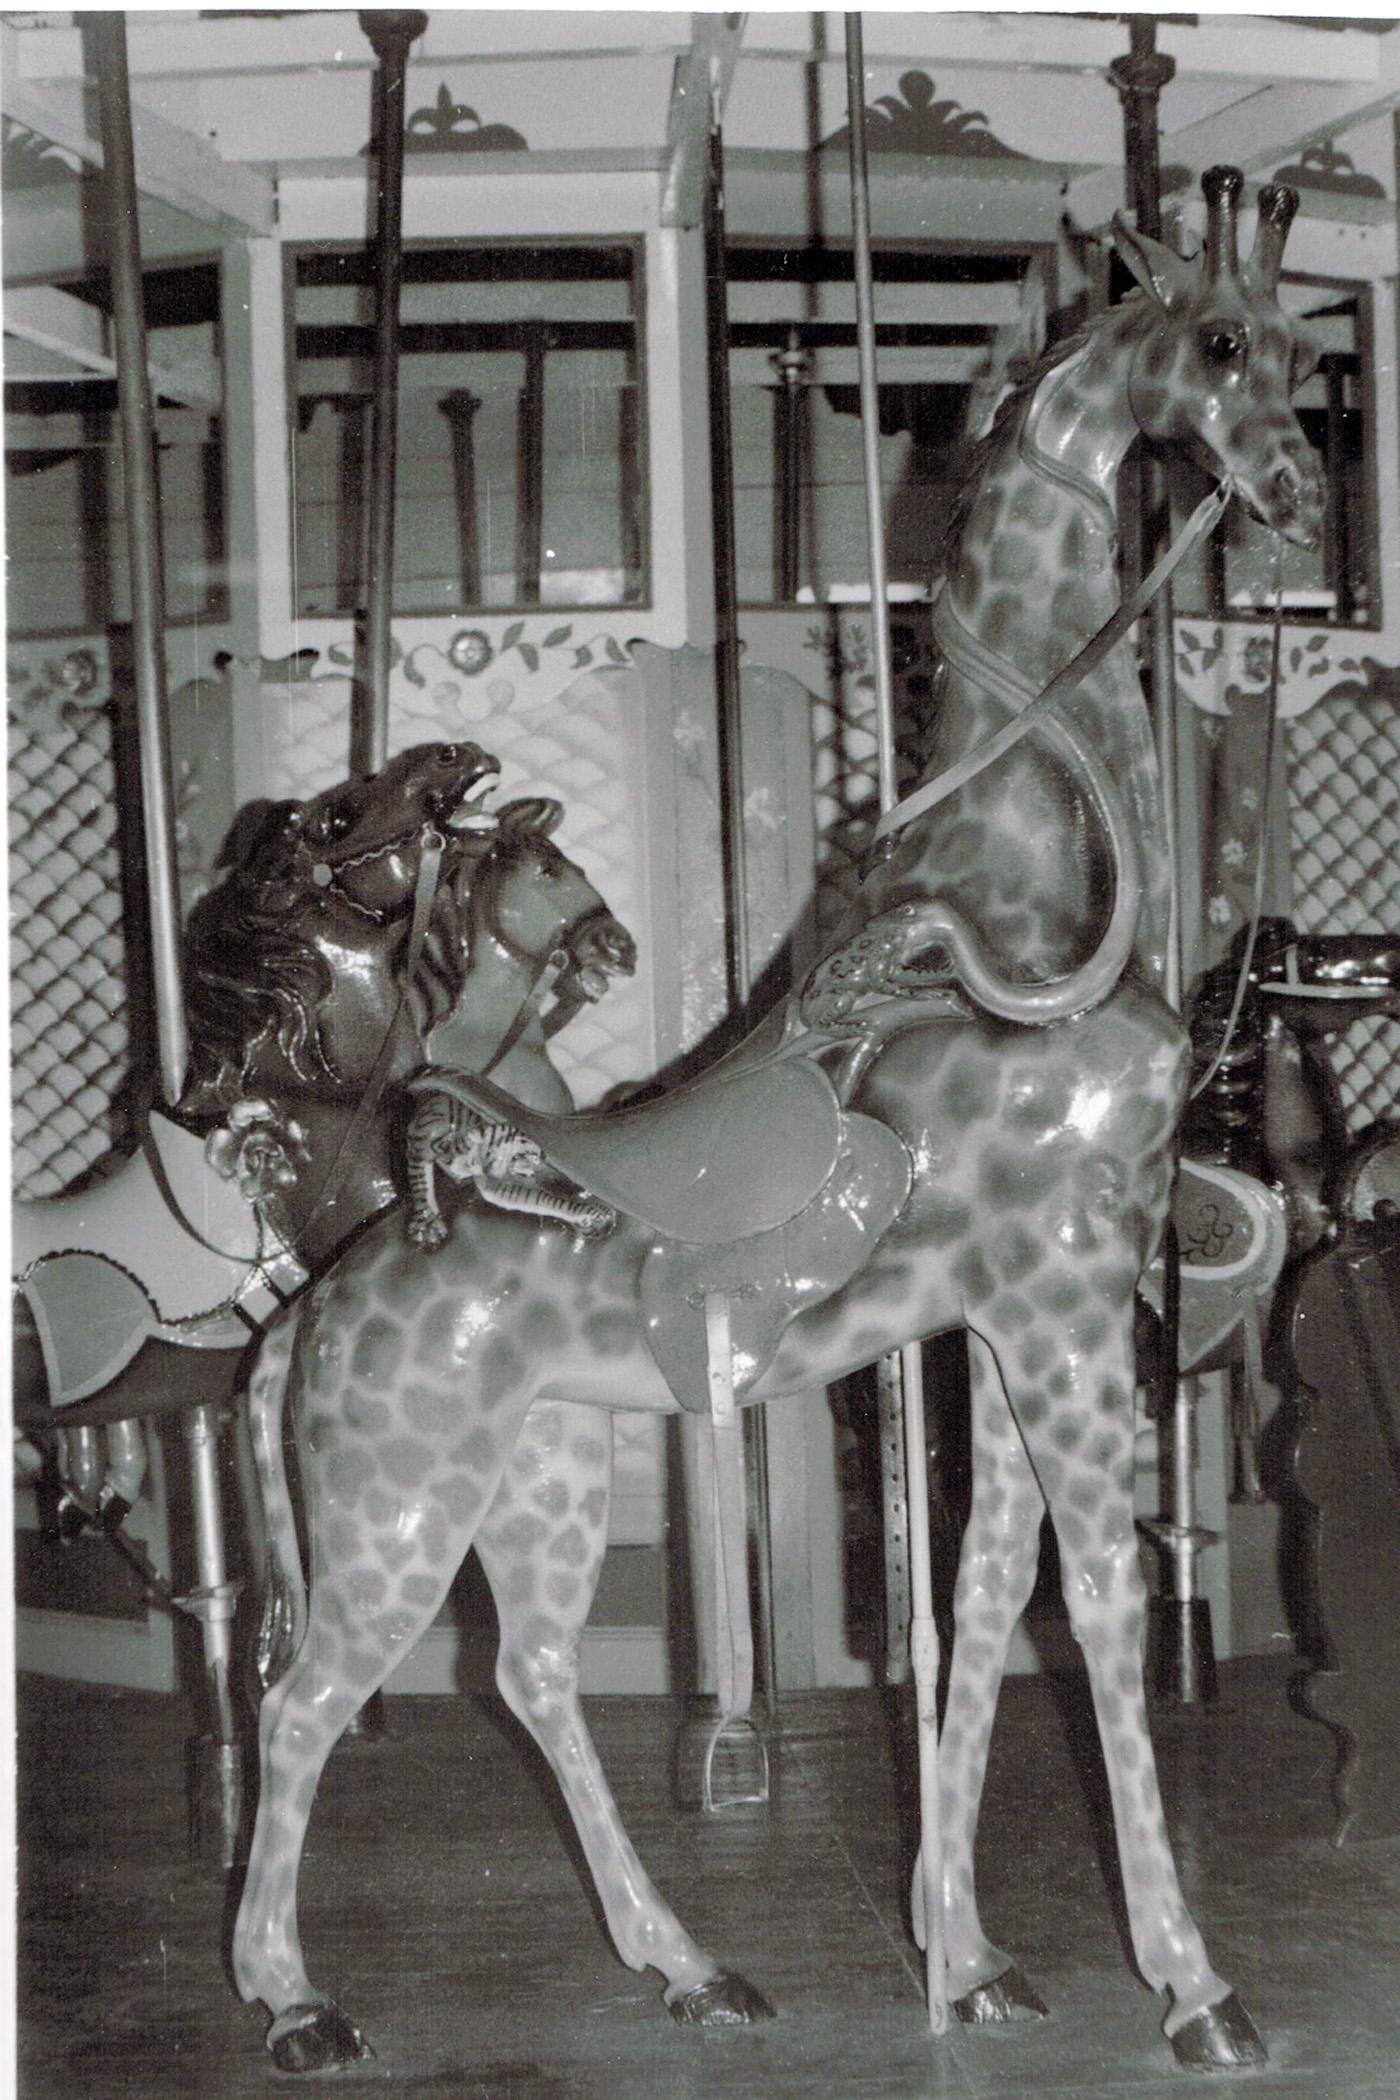 1907-PTC-14-carousel-giraffe-BWilliams-Col